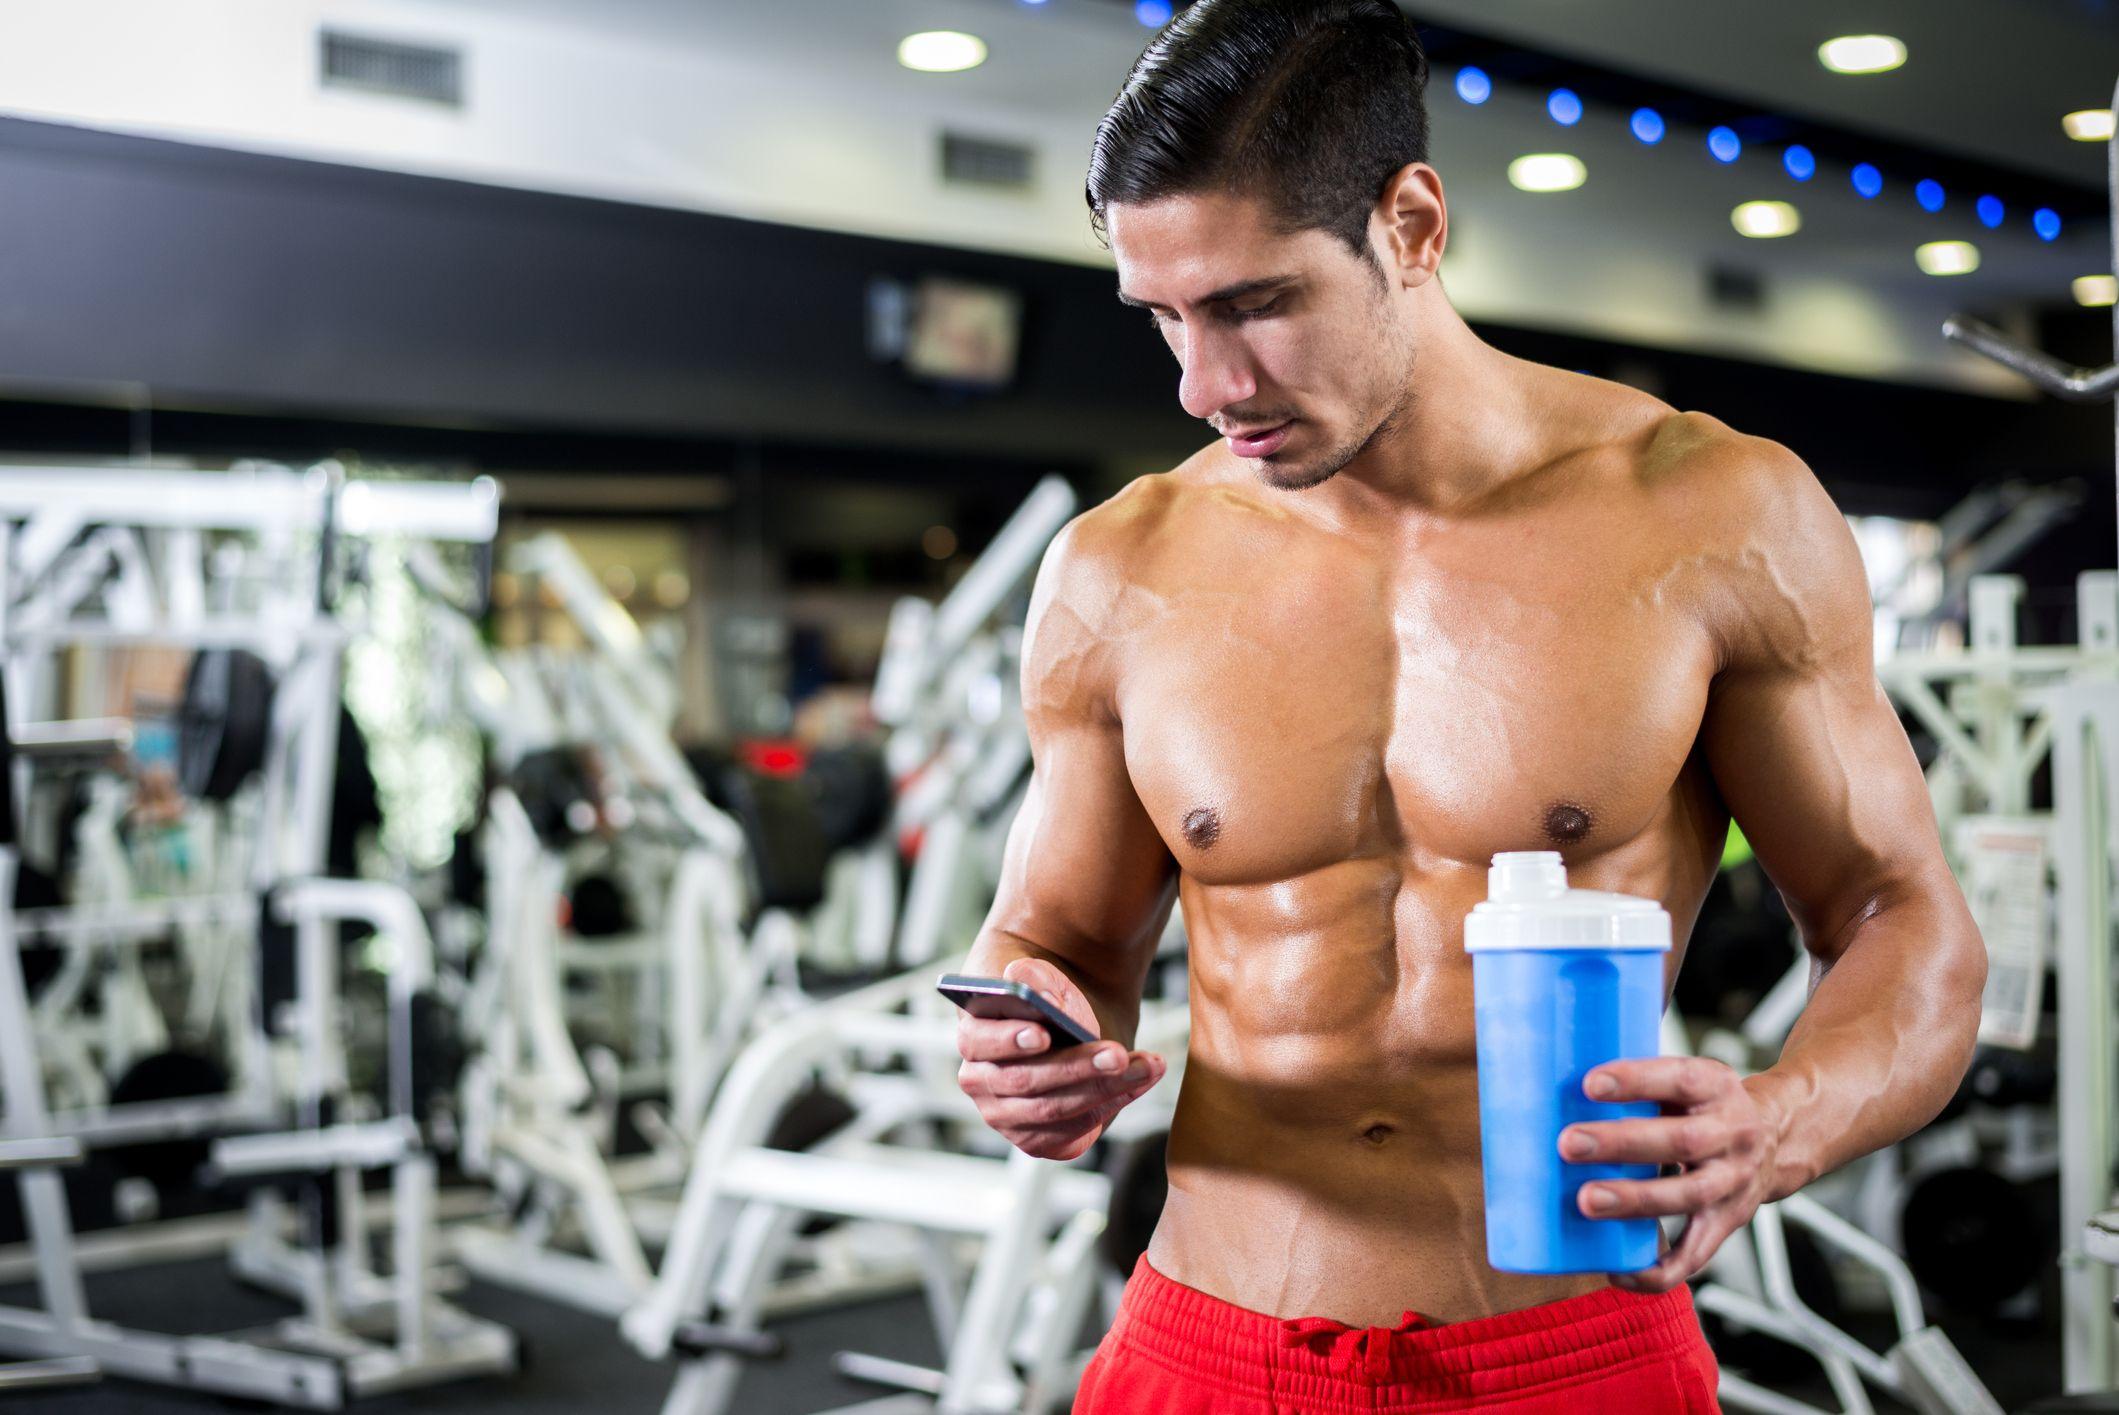 efectos secundarios de los suplementos proteicos